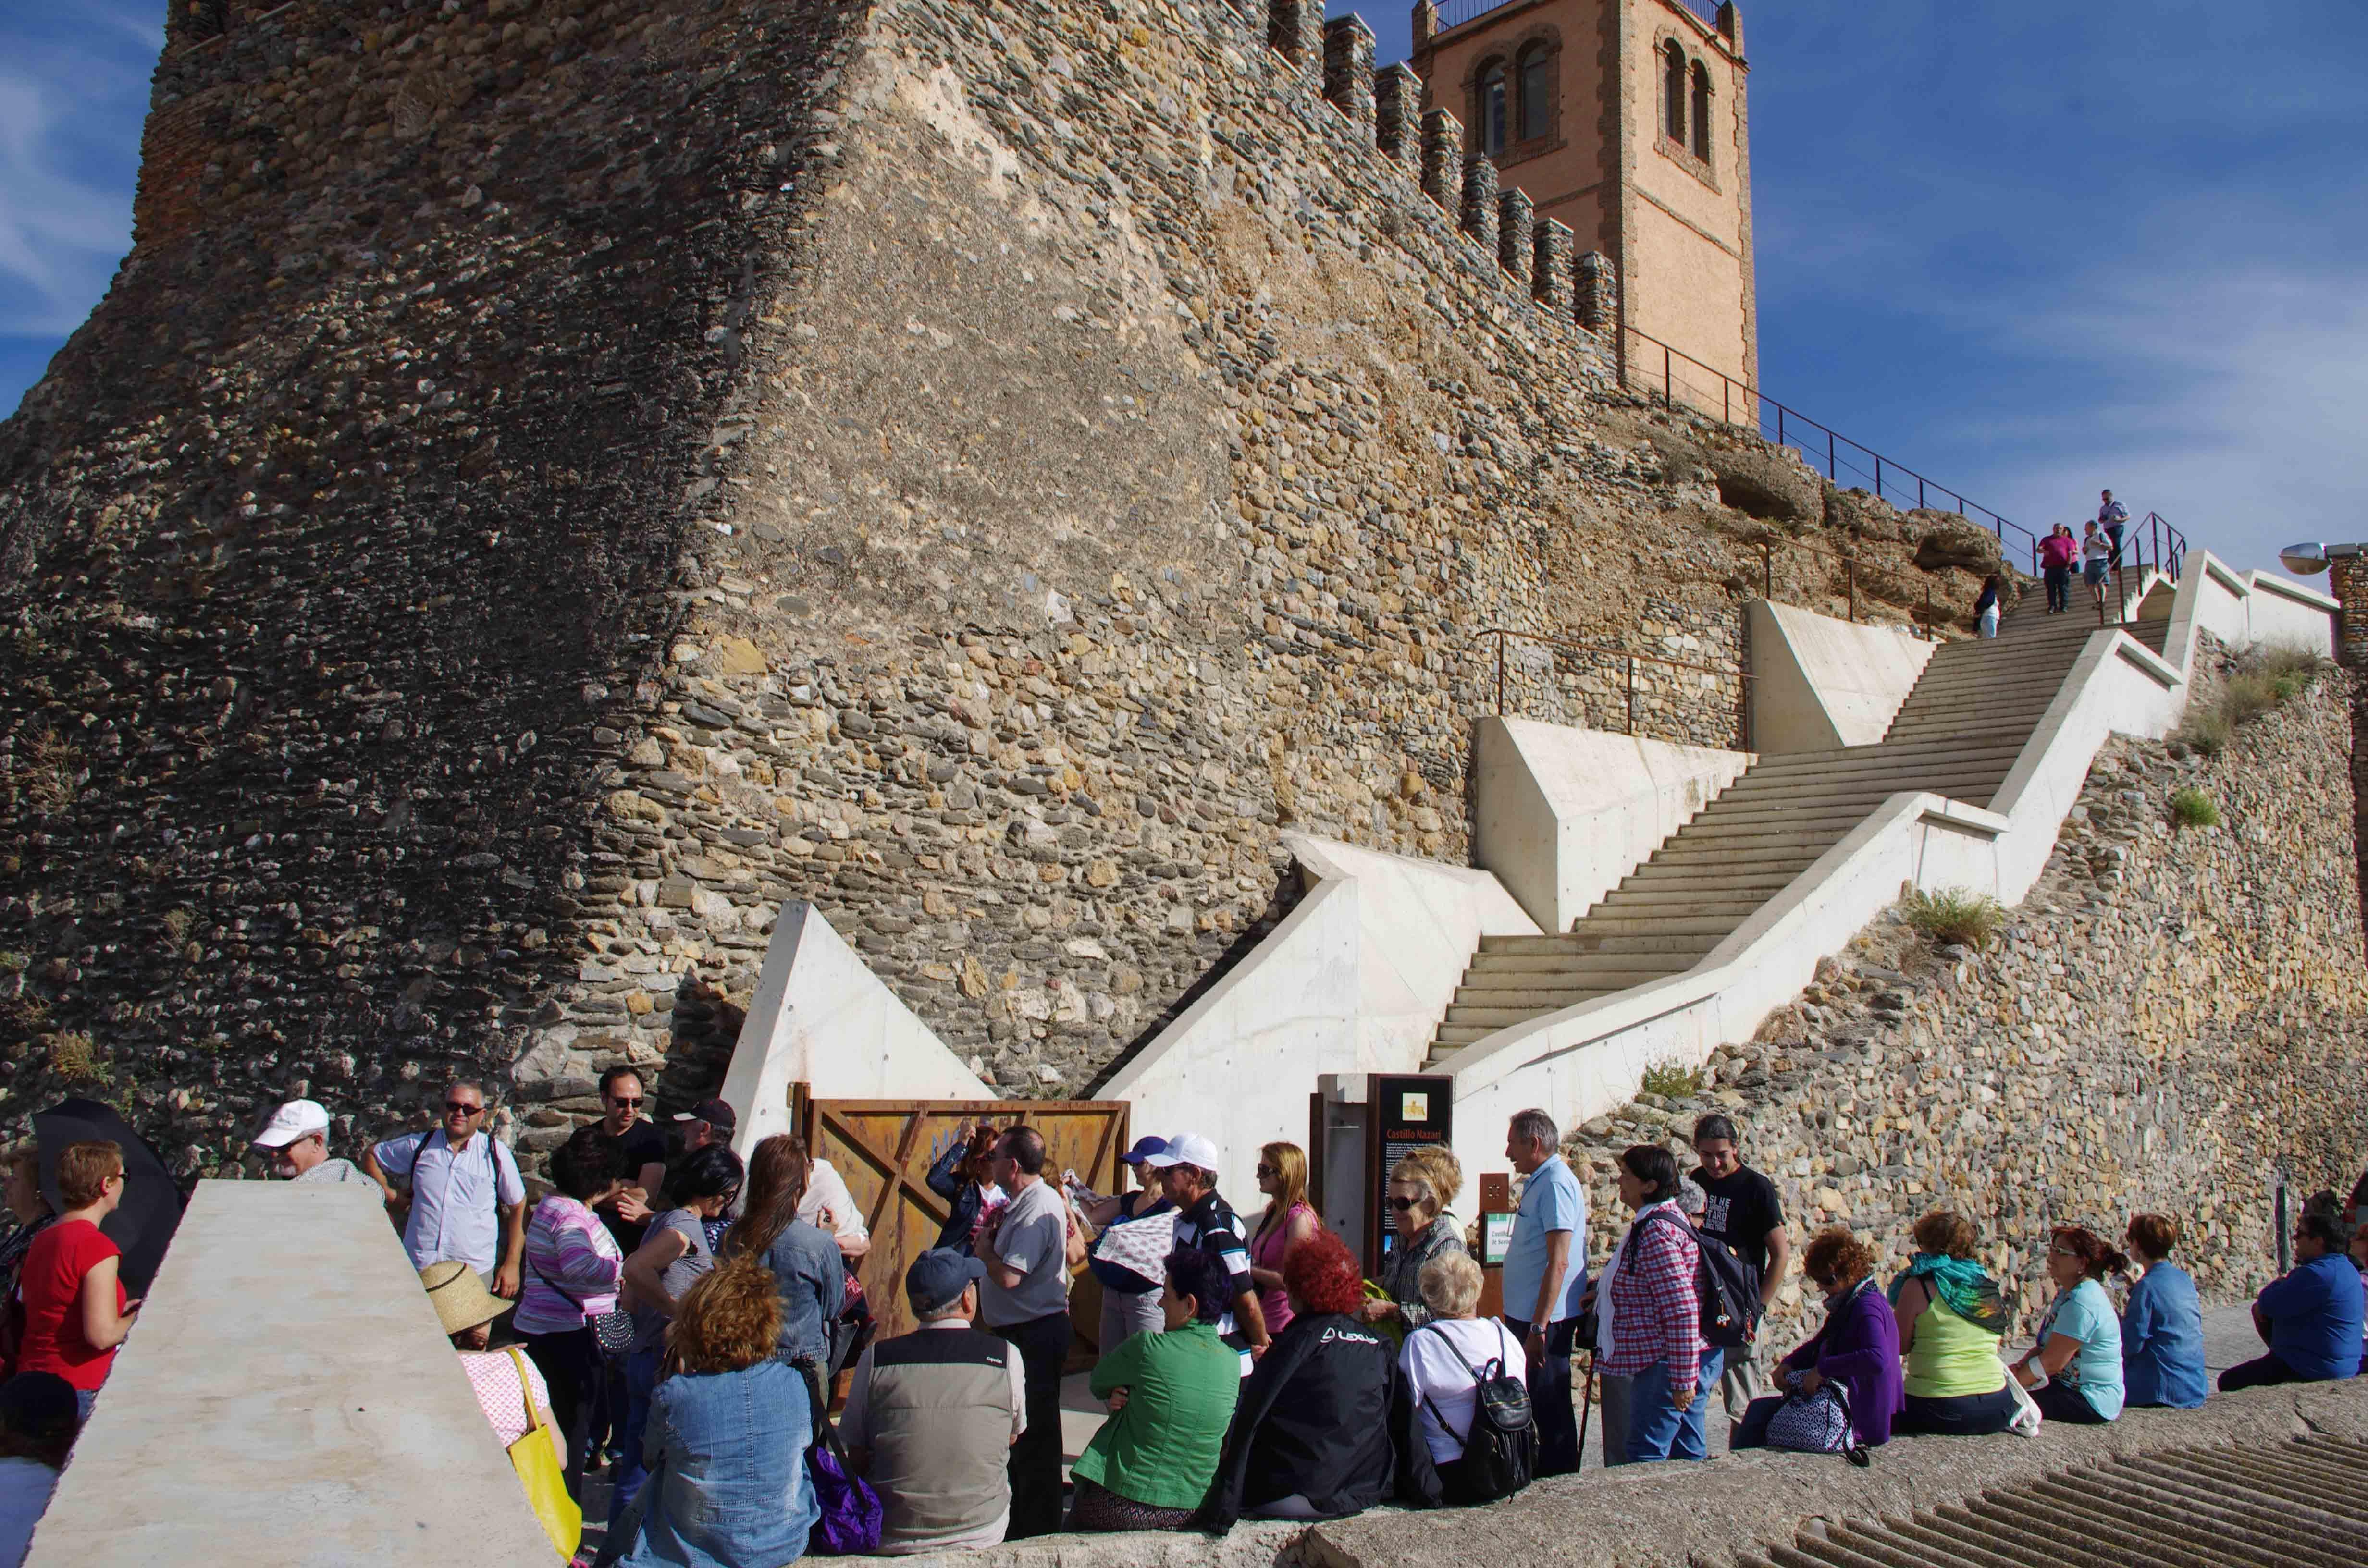 Grupo de visitantes accediendo al castillo. © Fotografía: José Ángel Fernández